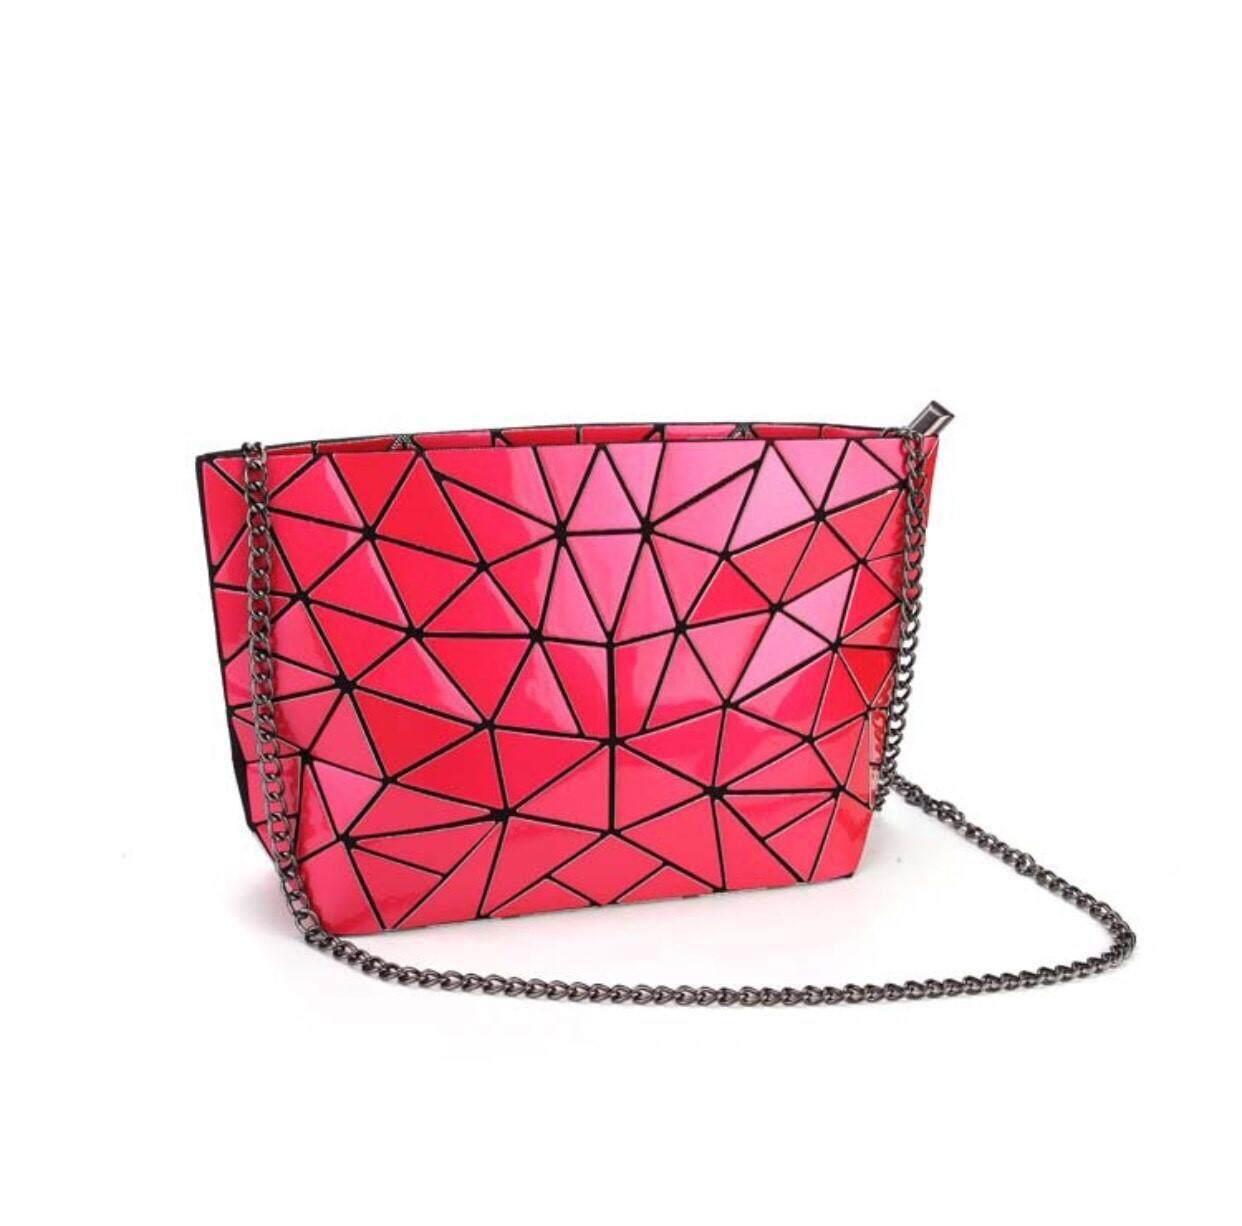 กระเป๋าเป้สะพายหลัง นักเรียน ผู้หญิง วัยรุ่น แพร่ Zigzagg กระเป๋าสะพาย BB สายโซ่ กระเป๋าแฟชั่น กระเป๋าผู้หญิง